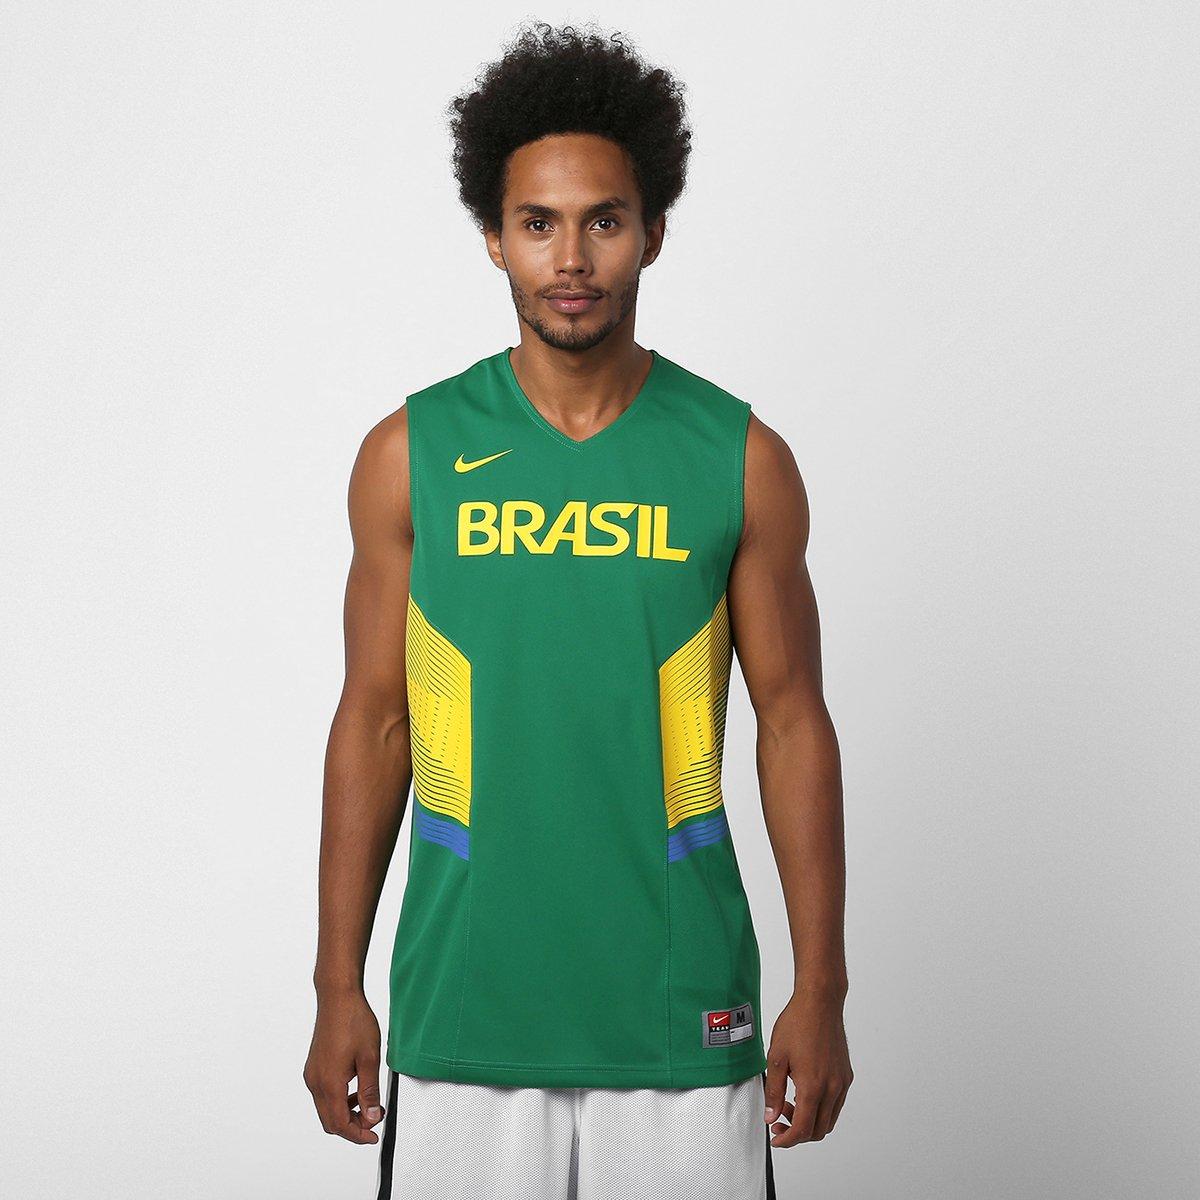 Camiseta Regata Nike Seleção Brasil Basquete - Compre Agora  30ad1f42c483e